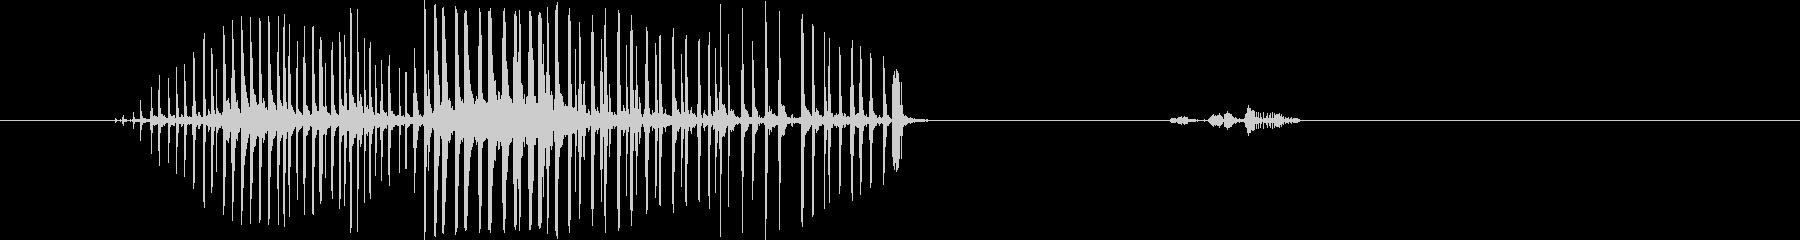 コンゴウインコ。ディープスロートバ...の未再生の波形